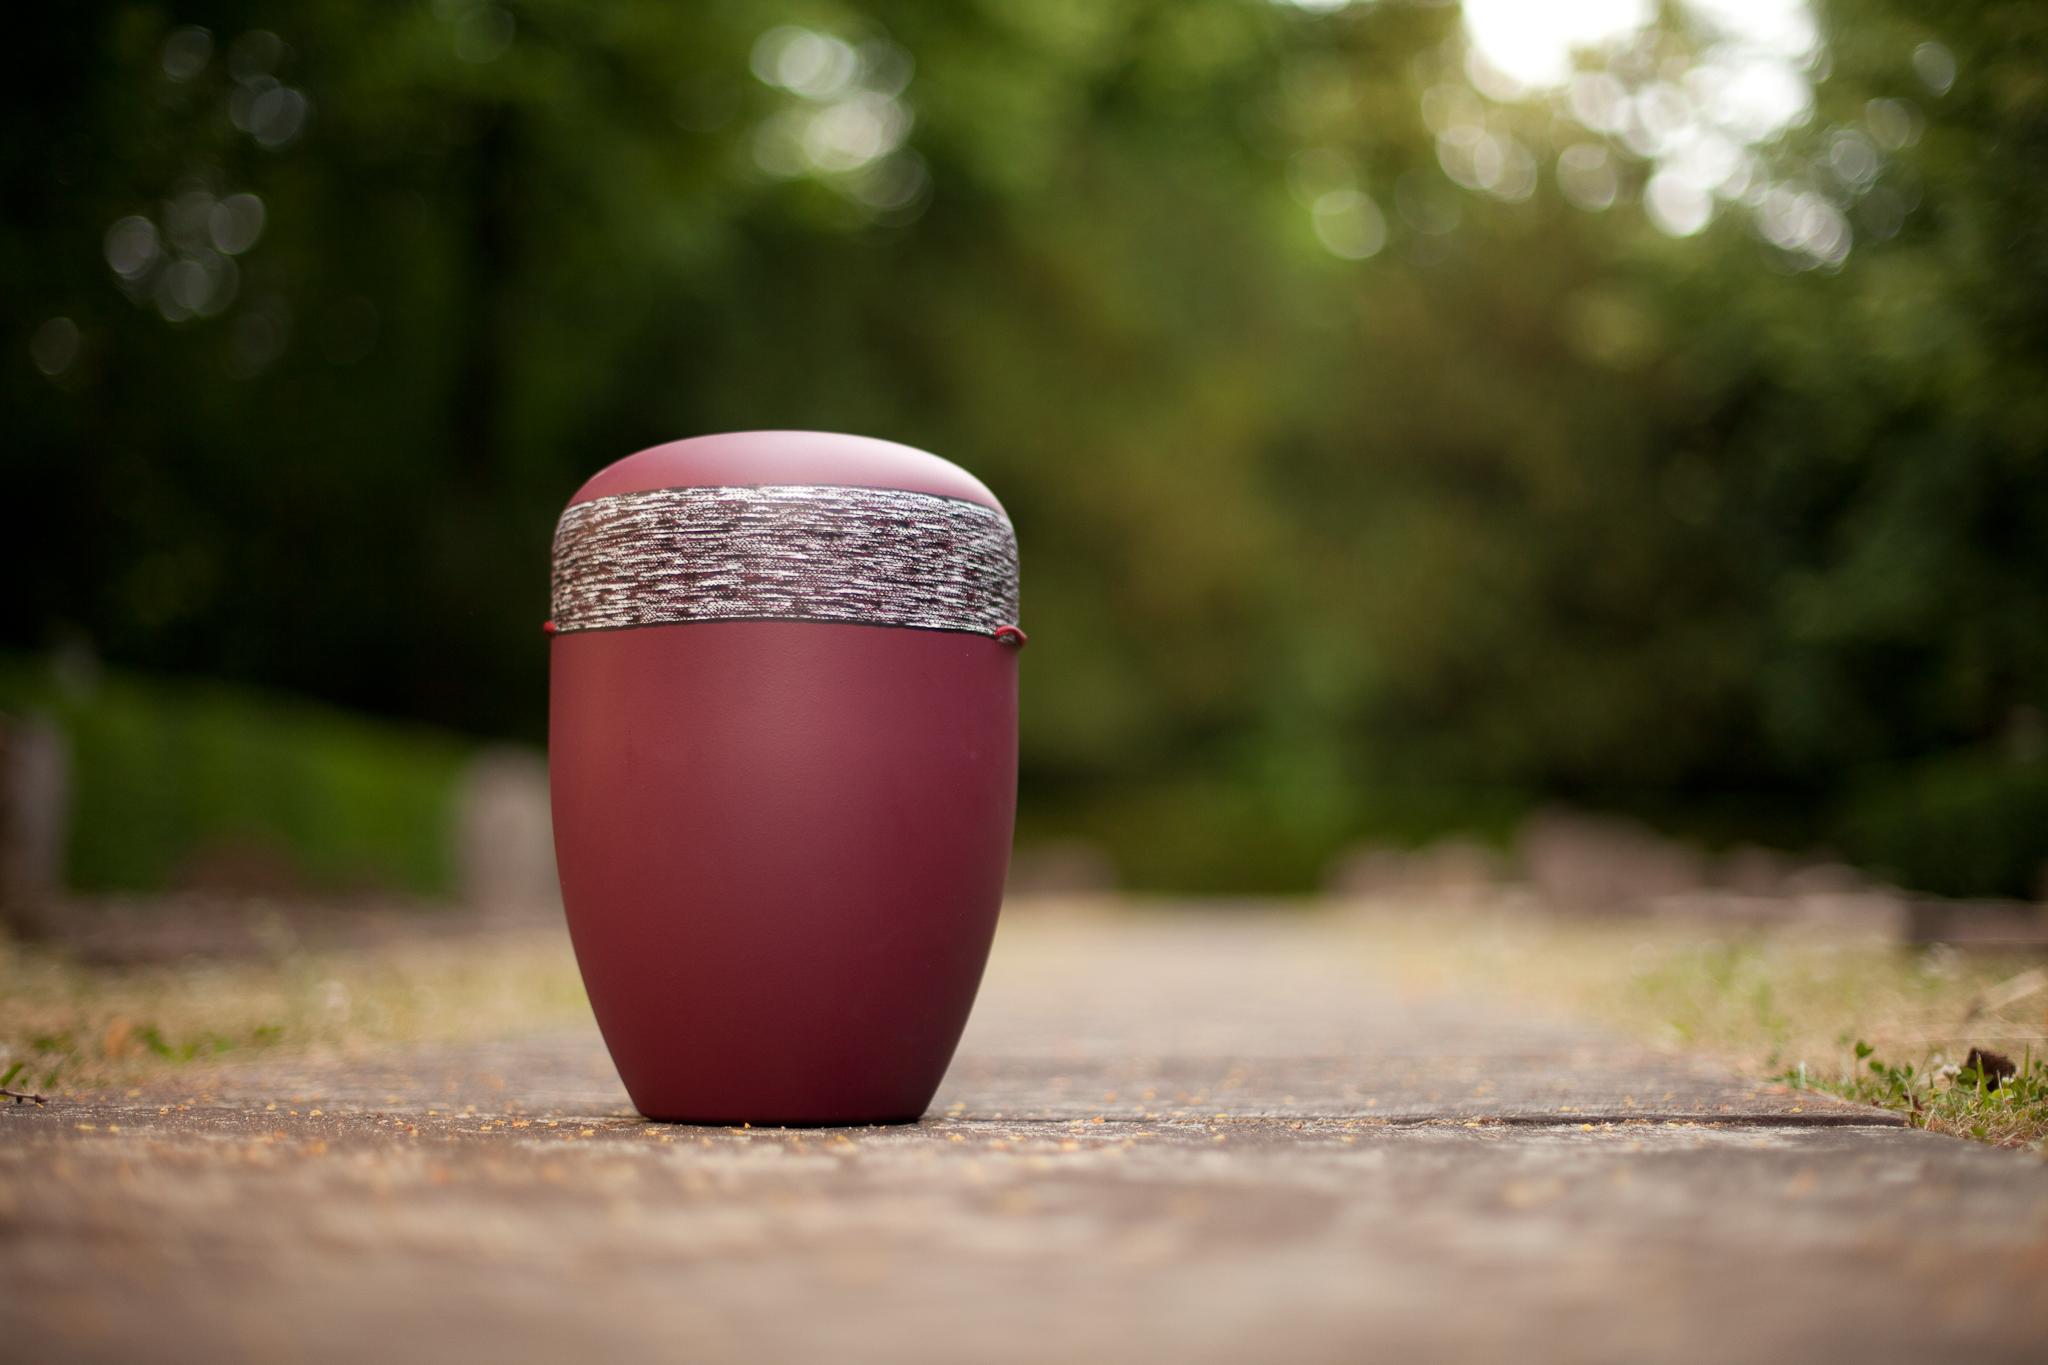 urne-1-von-1